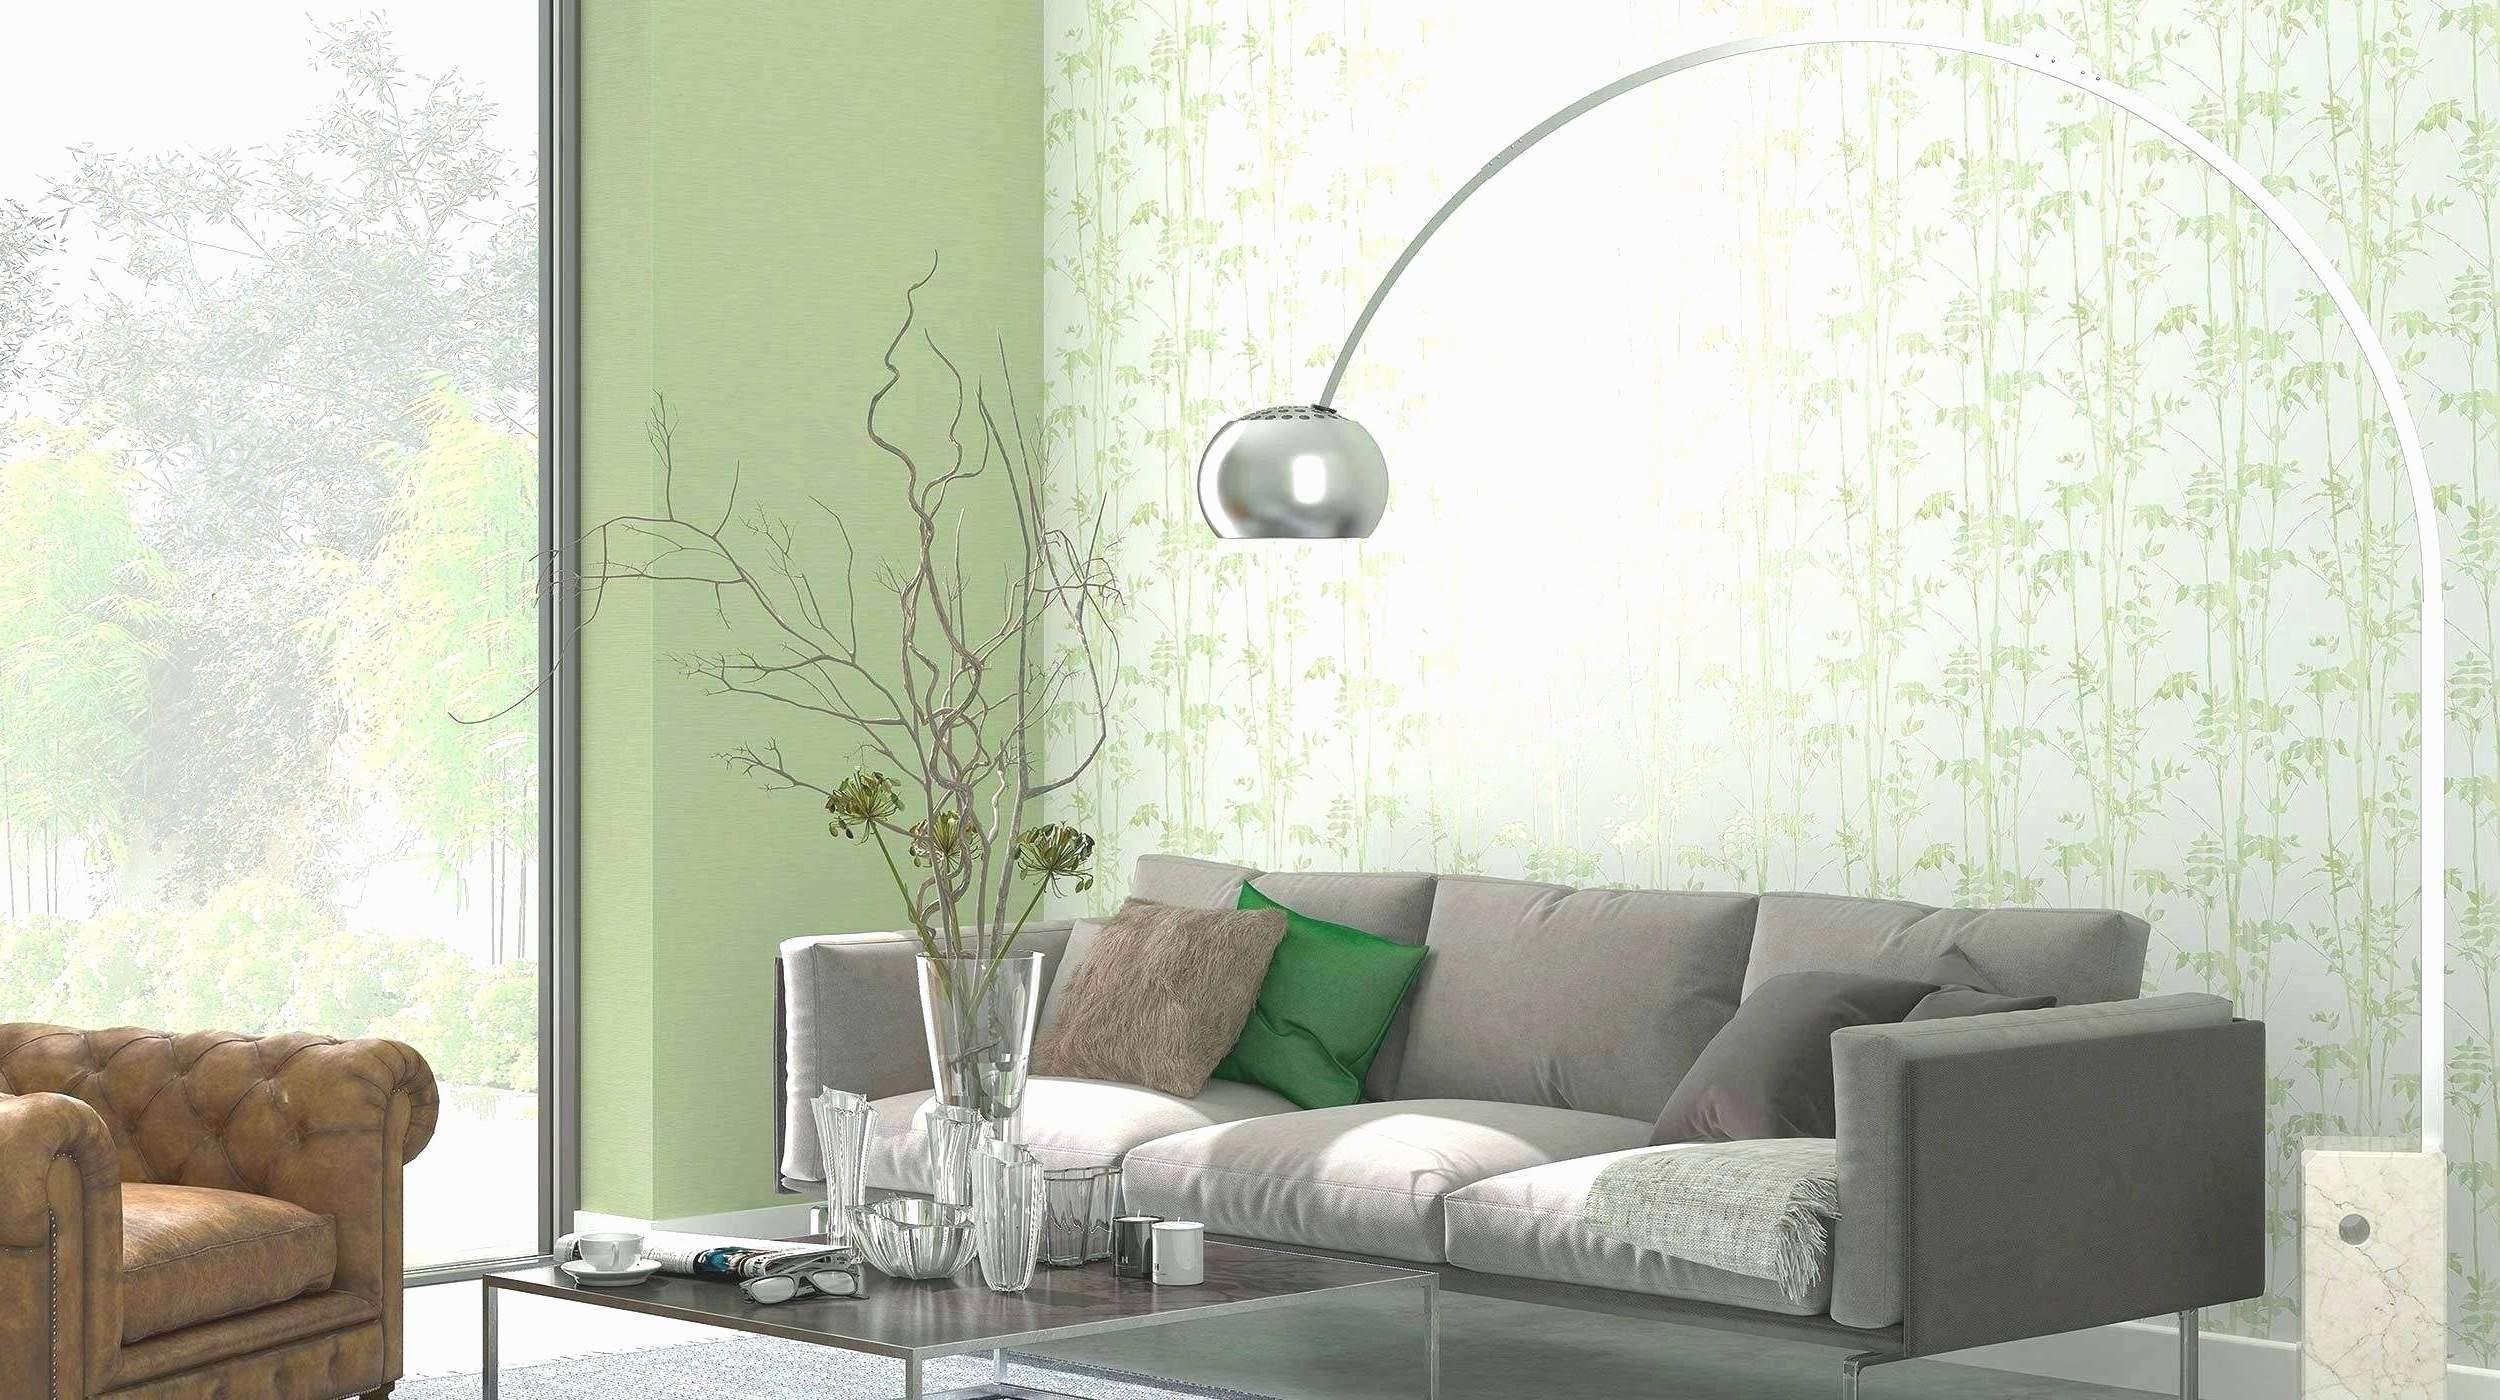 diy wohnzimmer luxus wanddeko ideen wohnzimmer design sie mussen sehen of diy wohnzimmer